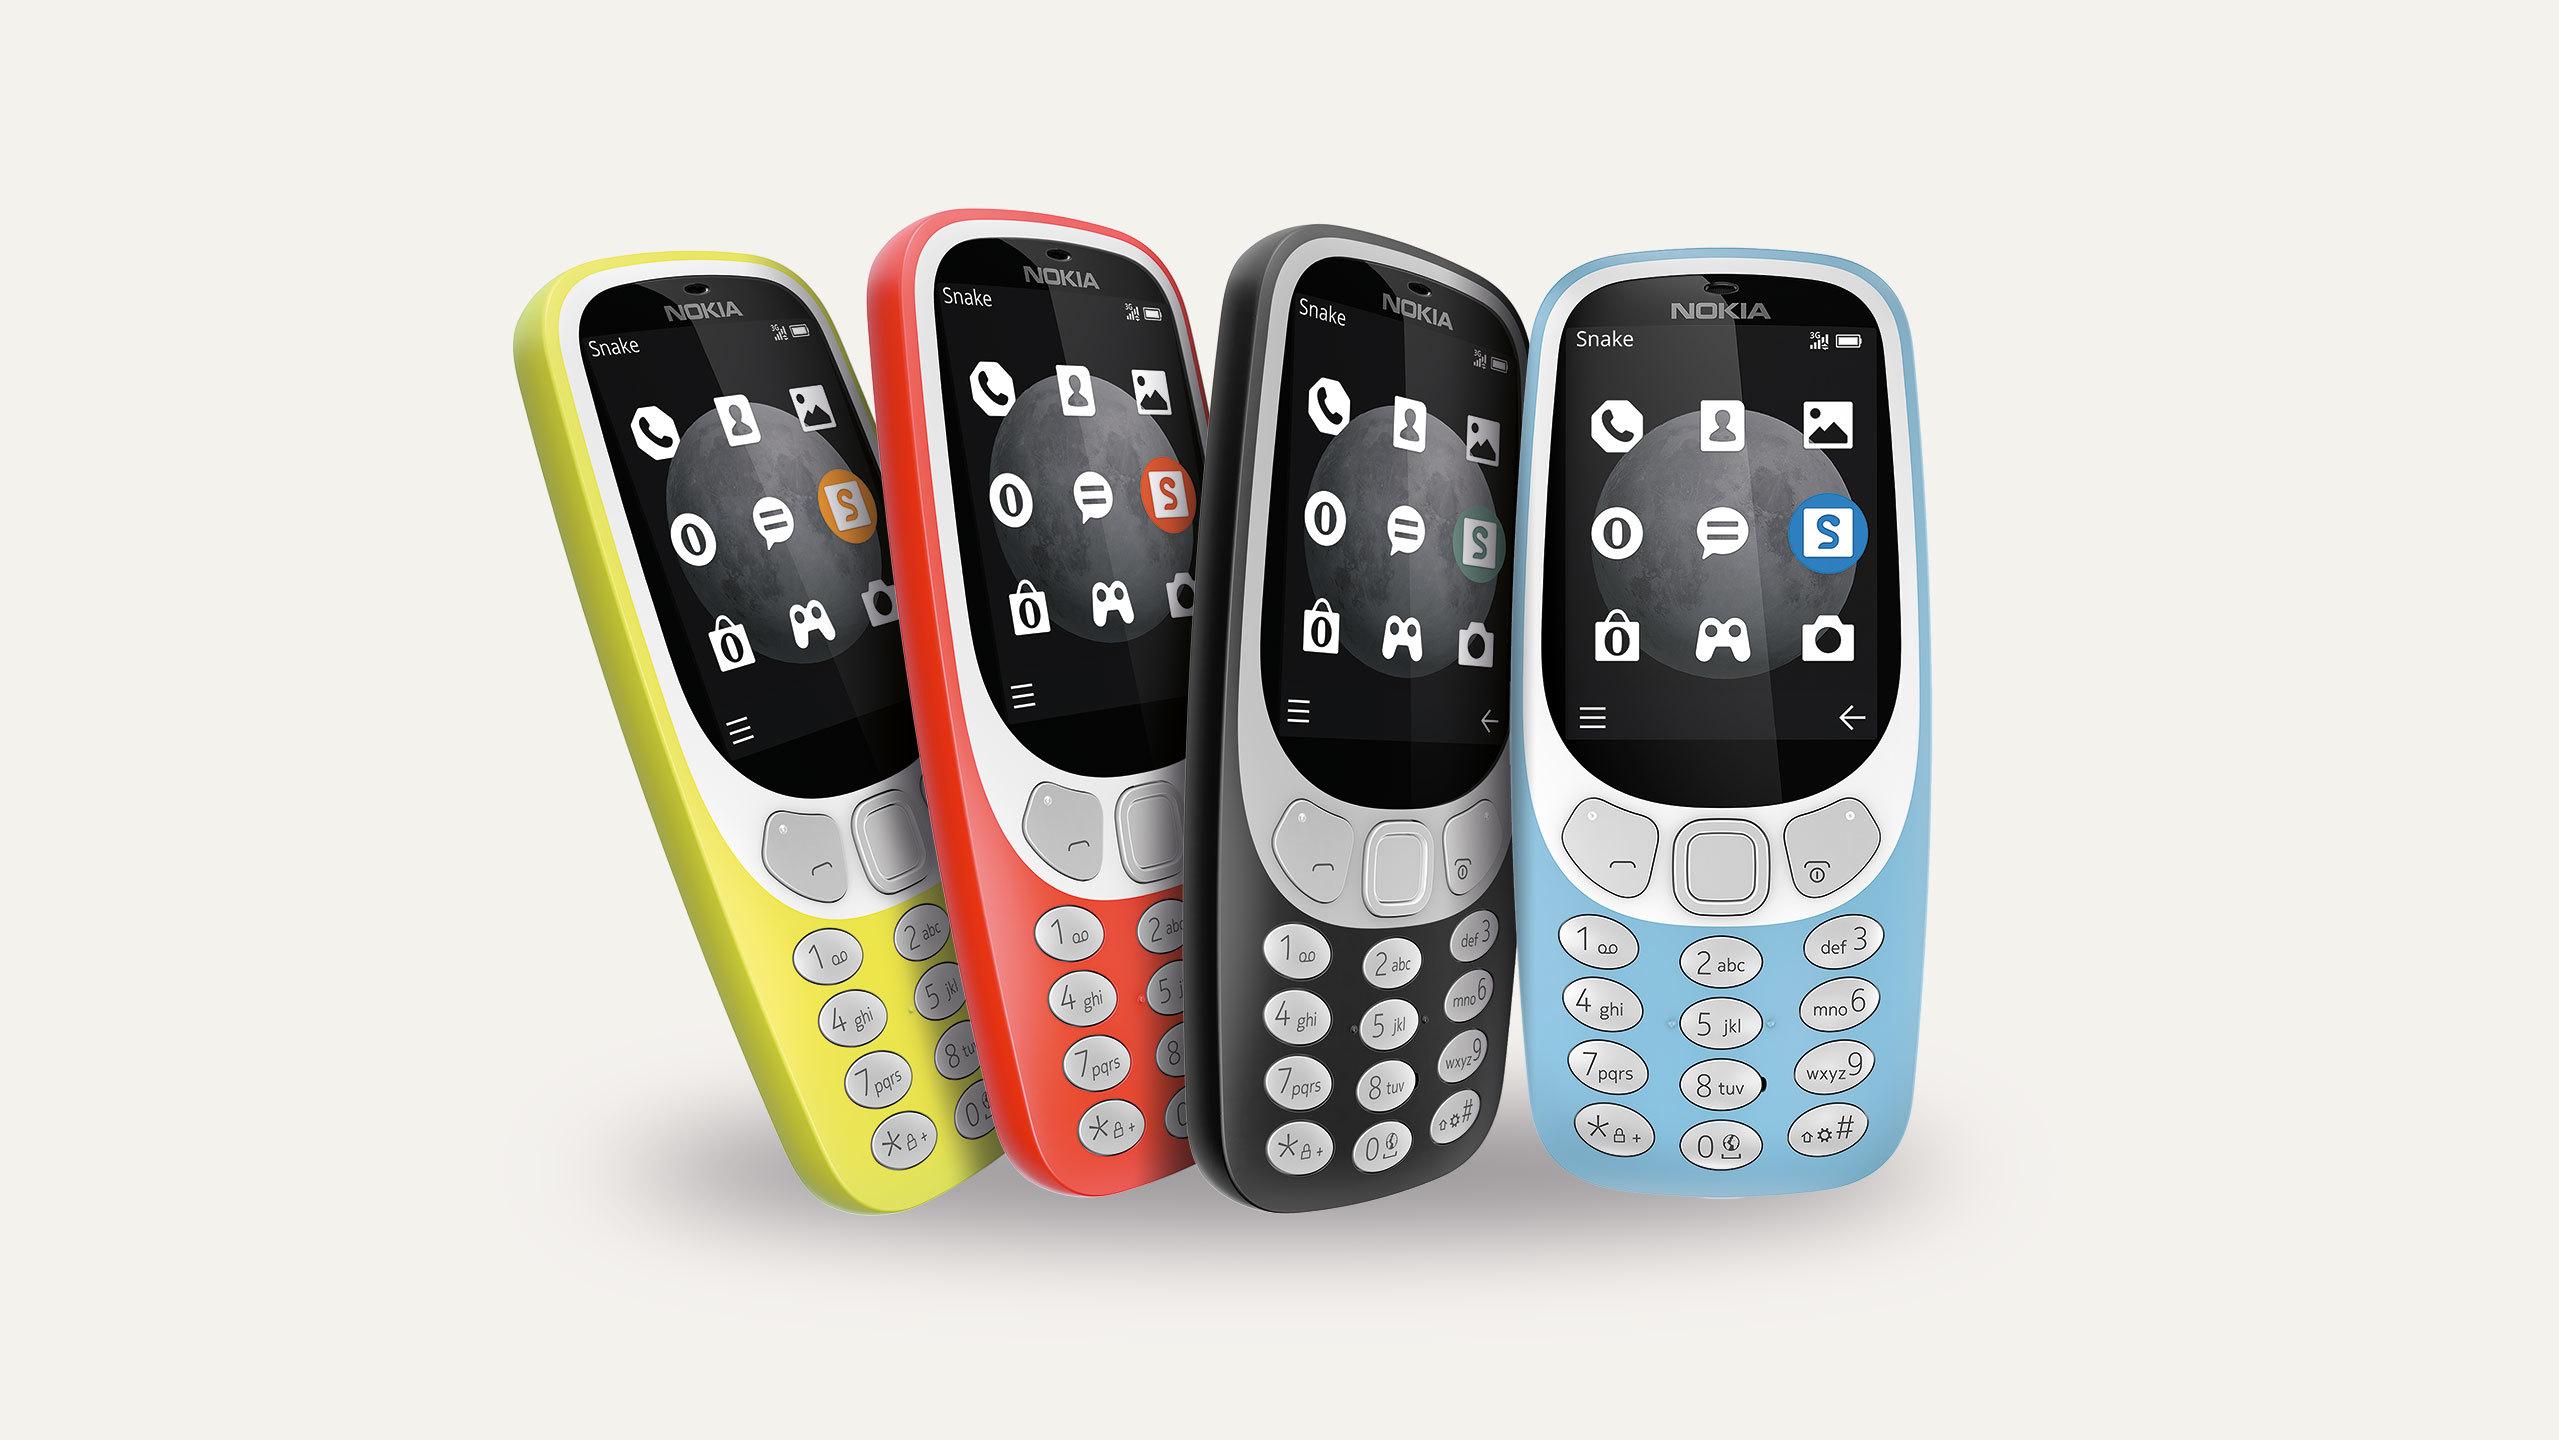 Le Nokia 3310 passe à la 3G sans changer de prix